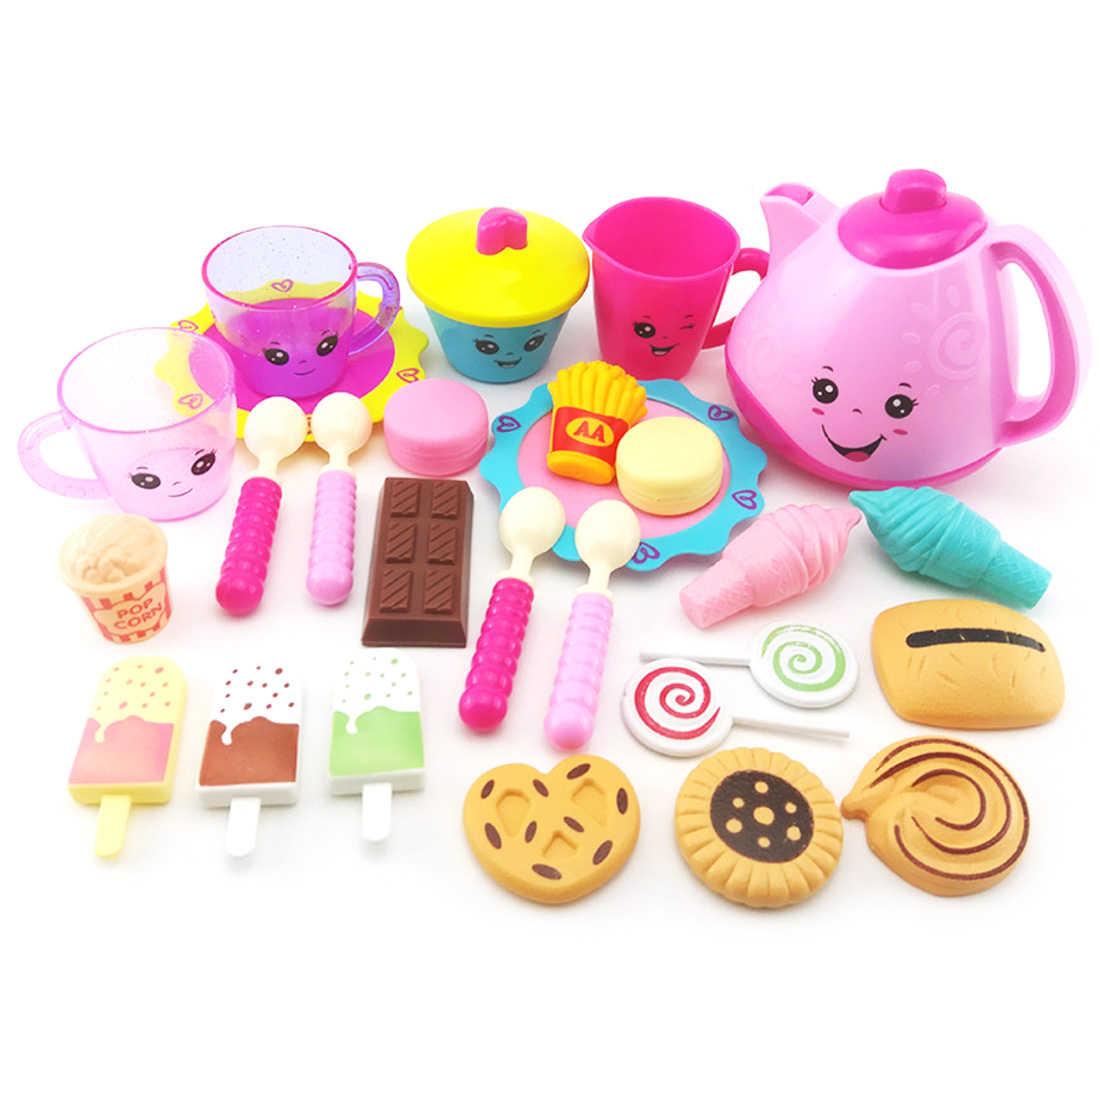 28 шт., детские игрушки для ролевых игр, послеобеденный чай, чайный горшок для девочек, детский игрушечный миксер, розовый